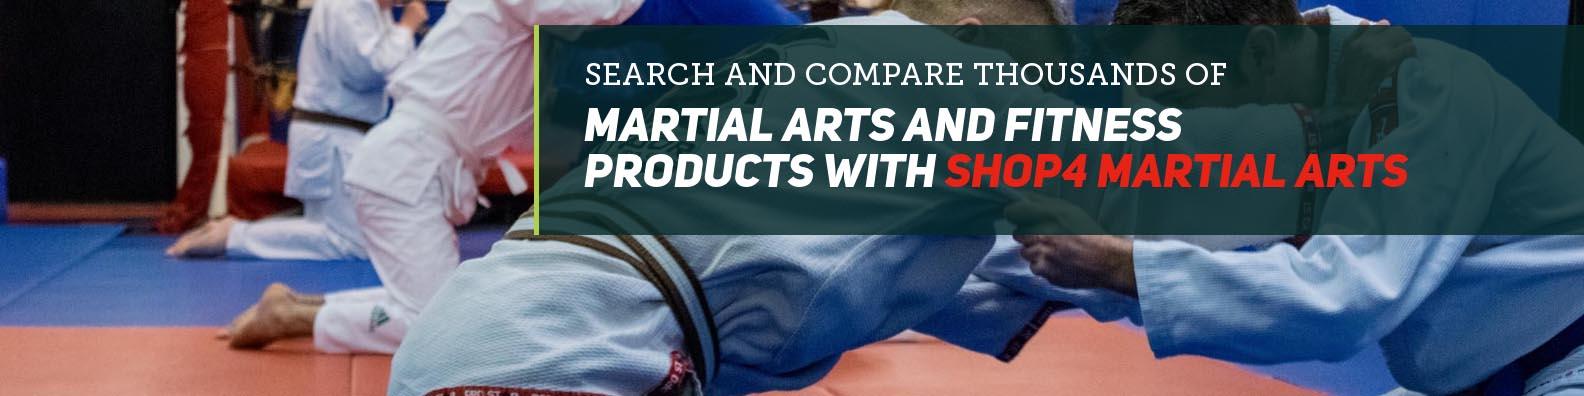 fightwear price comparison banner